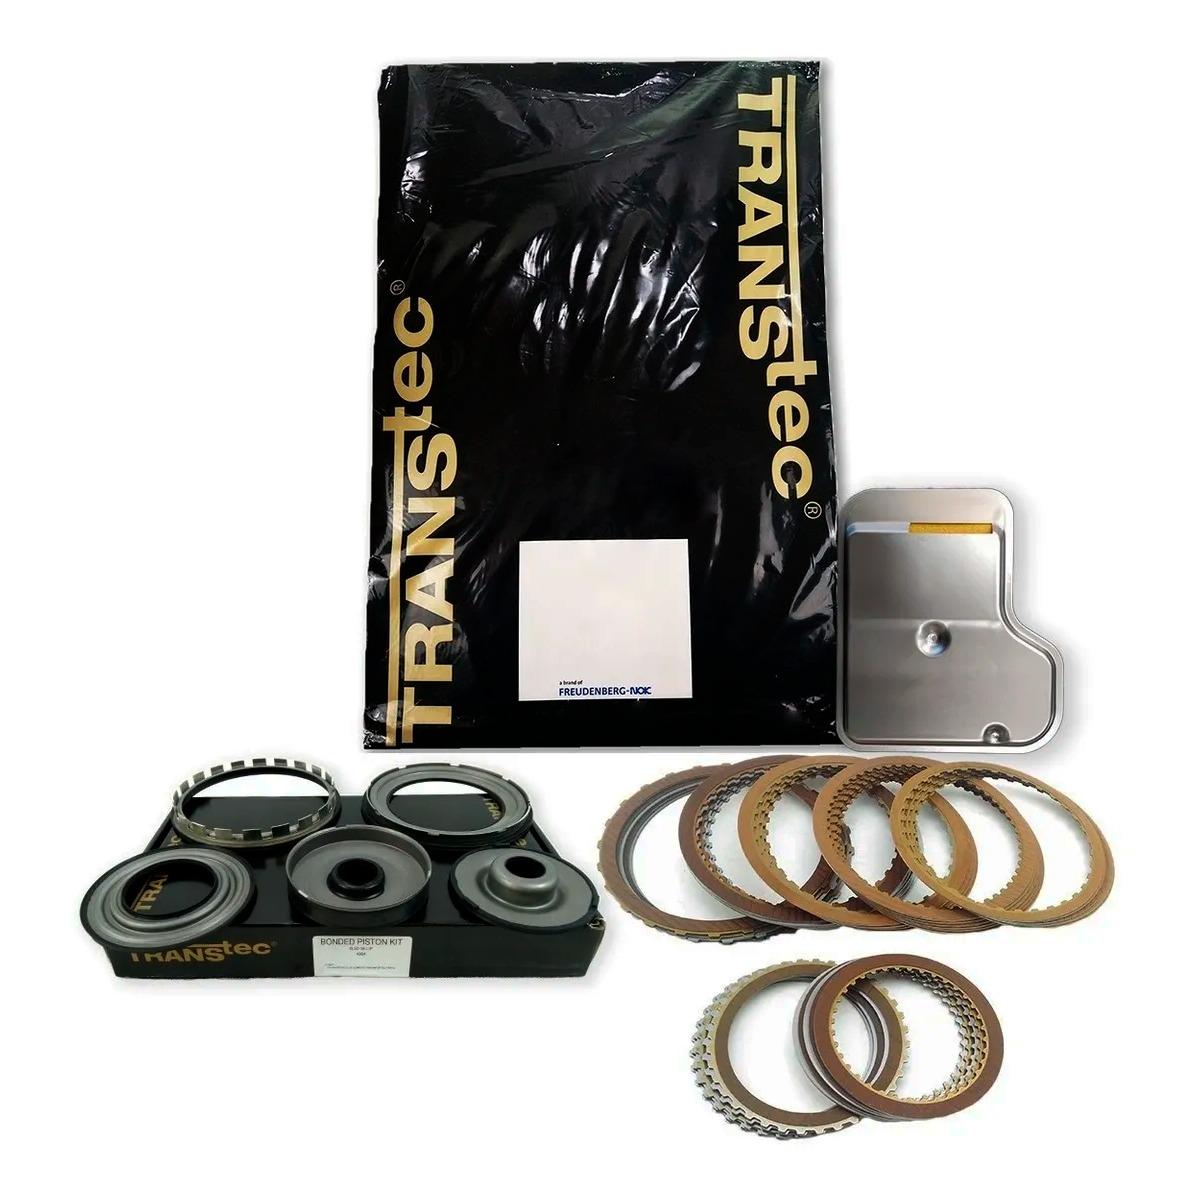 Kit Banner Com Pistões Transtec E Filtro Câmbio Automático 6l45 6l50